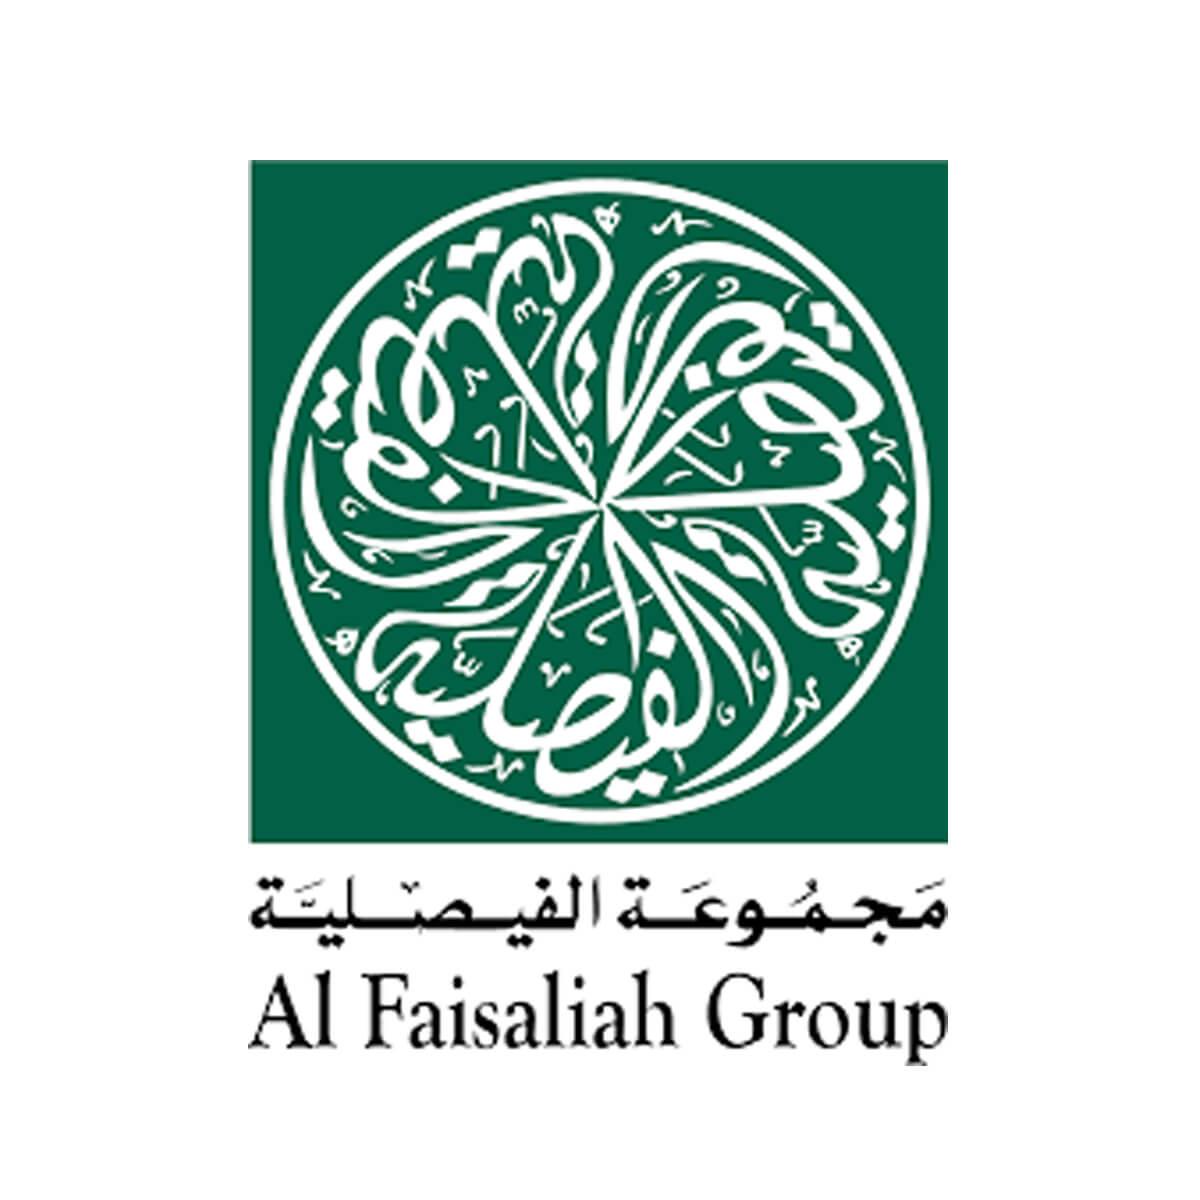 Al Faisaliah Group